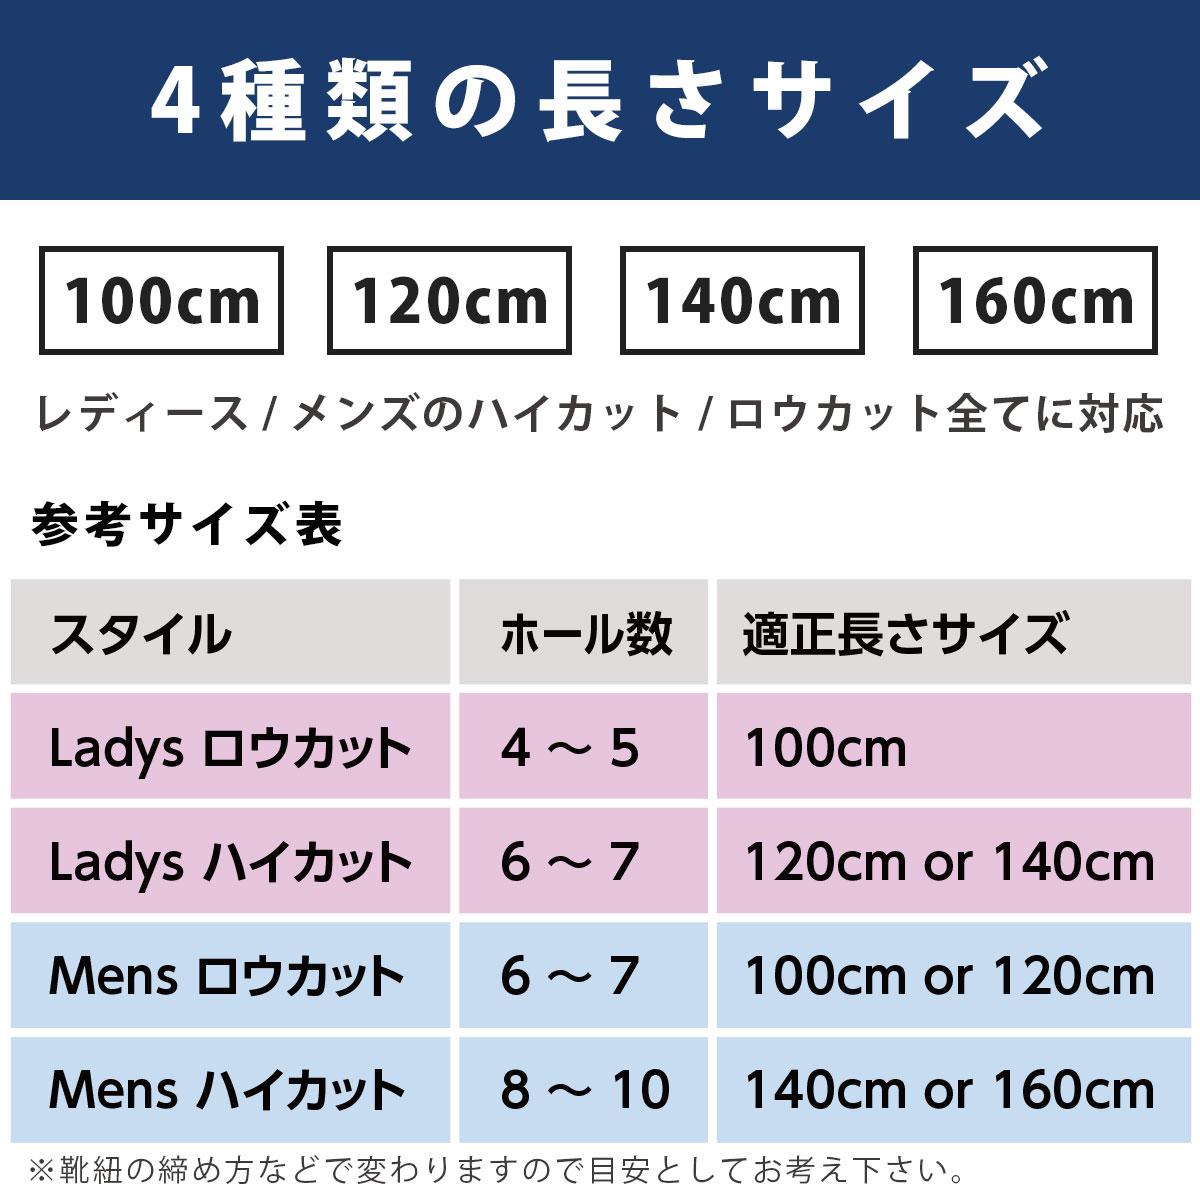 適正サイズ表